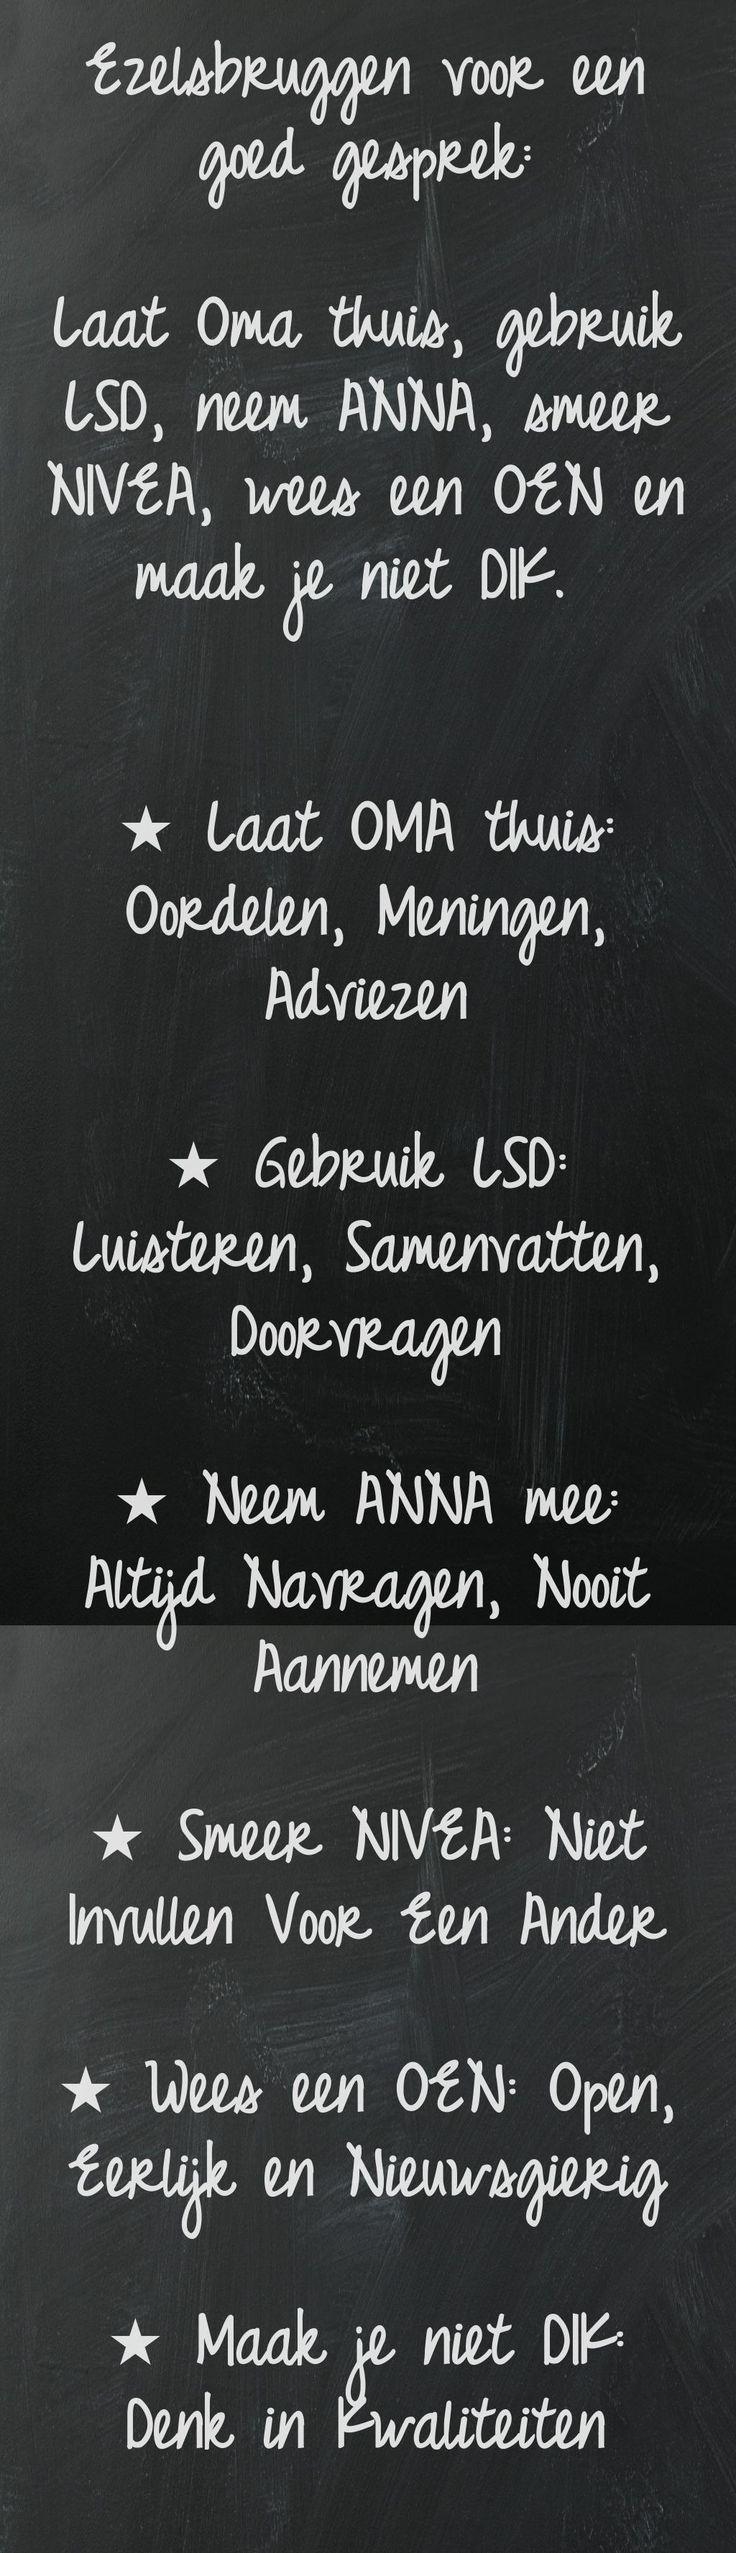 Een goed gesprek: OMA, NIVEA, LSD, ANNA, OEN en DIK Ook eens gekregen van onze directeur net voor het oudercontact ;-)